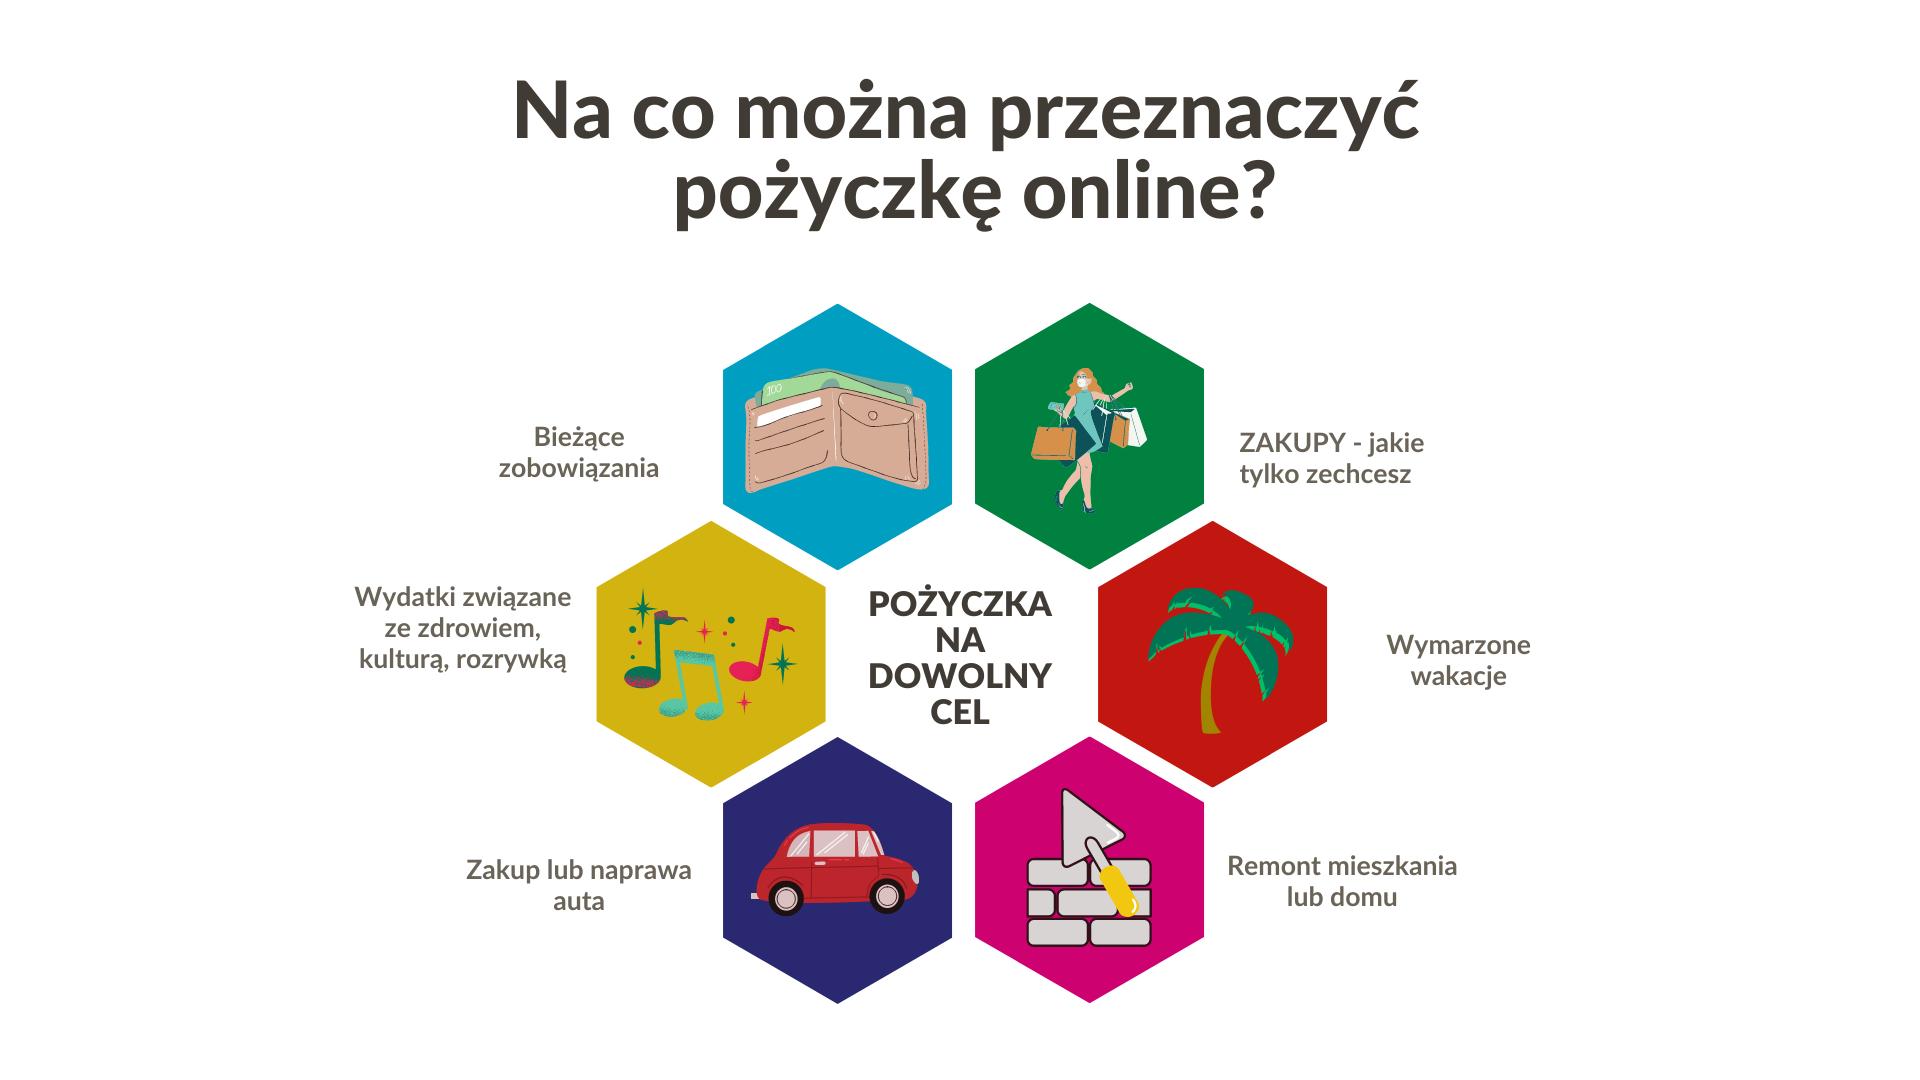 Na co można przeznaczyć pożyczkę online